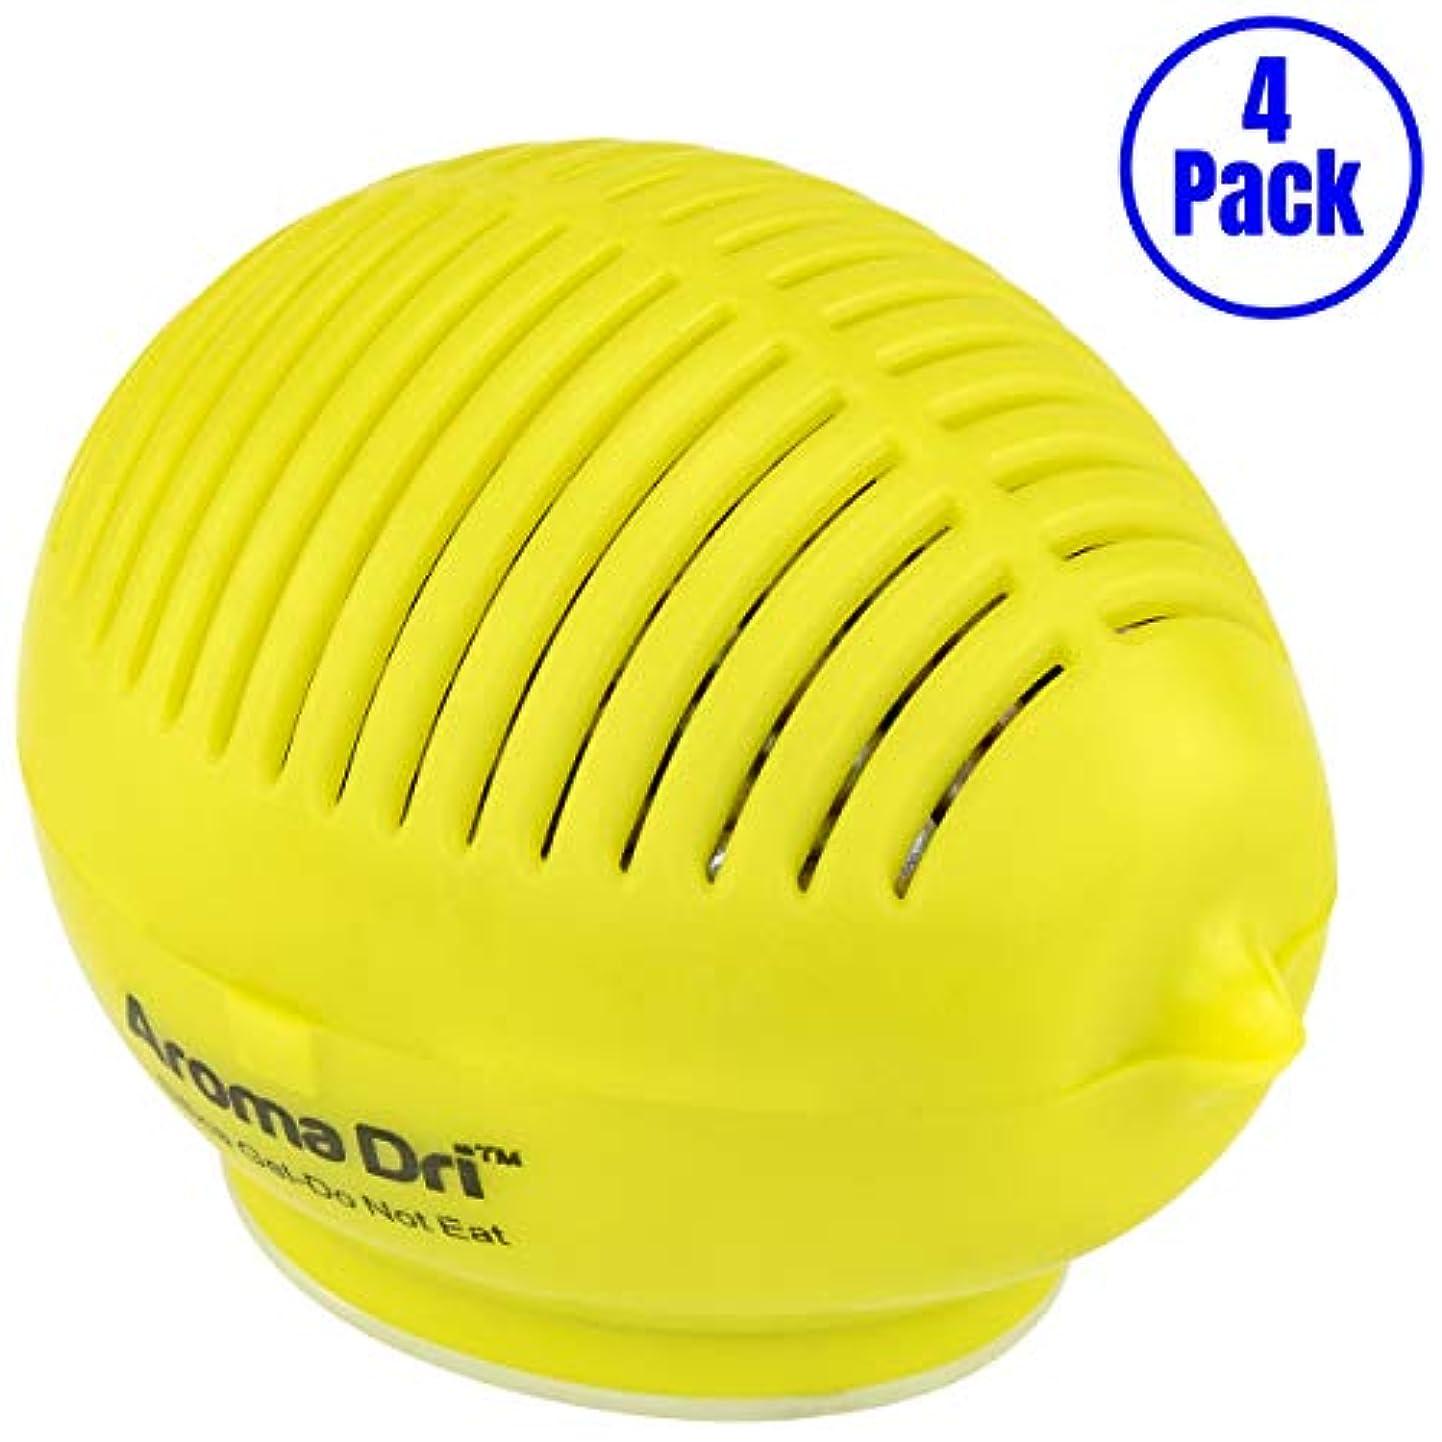 憤る小人財政Aroma Dri 50gm ラベンダーの香り シリカゲルレモン容器 4-Pack LEMON50LAVENDER-4PK